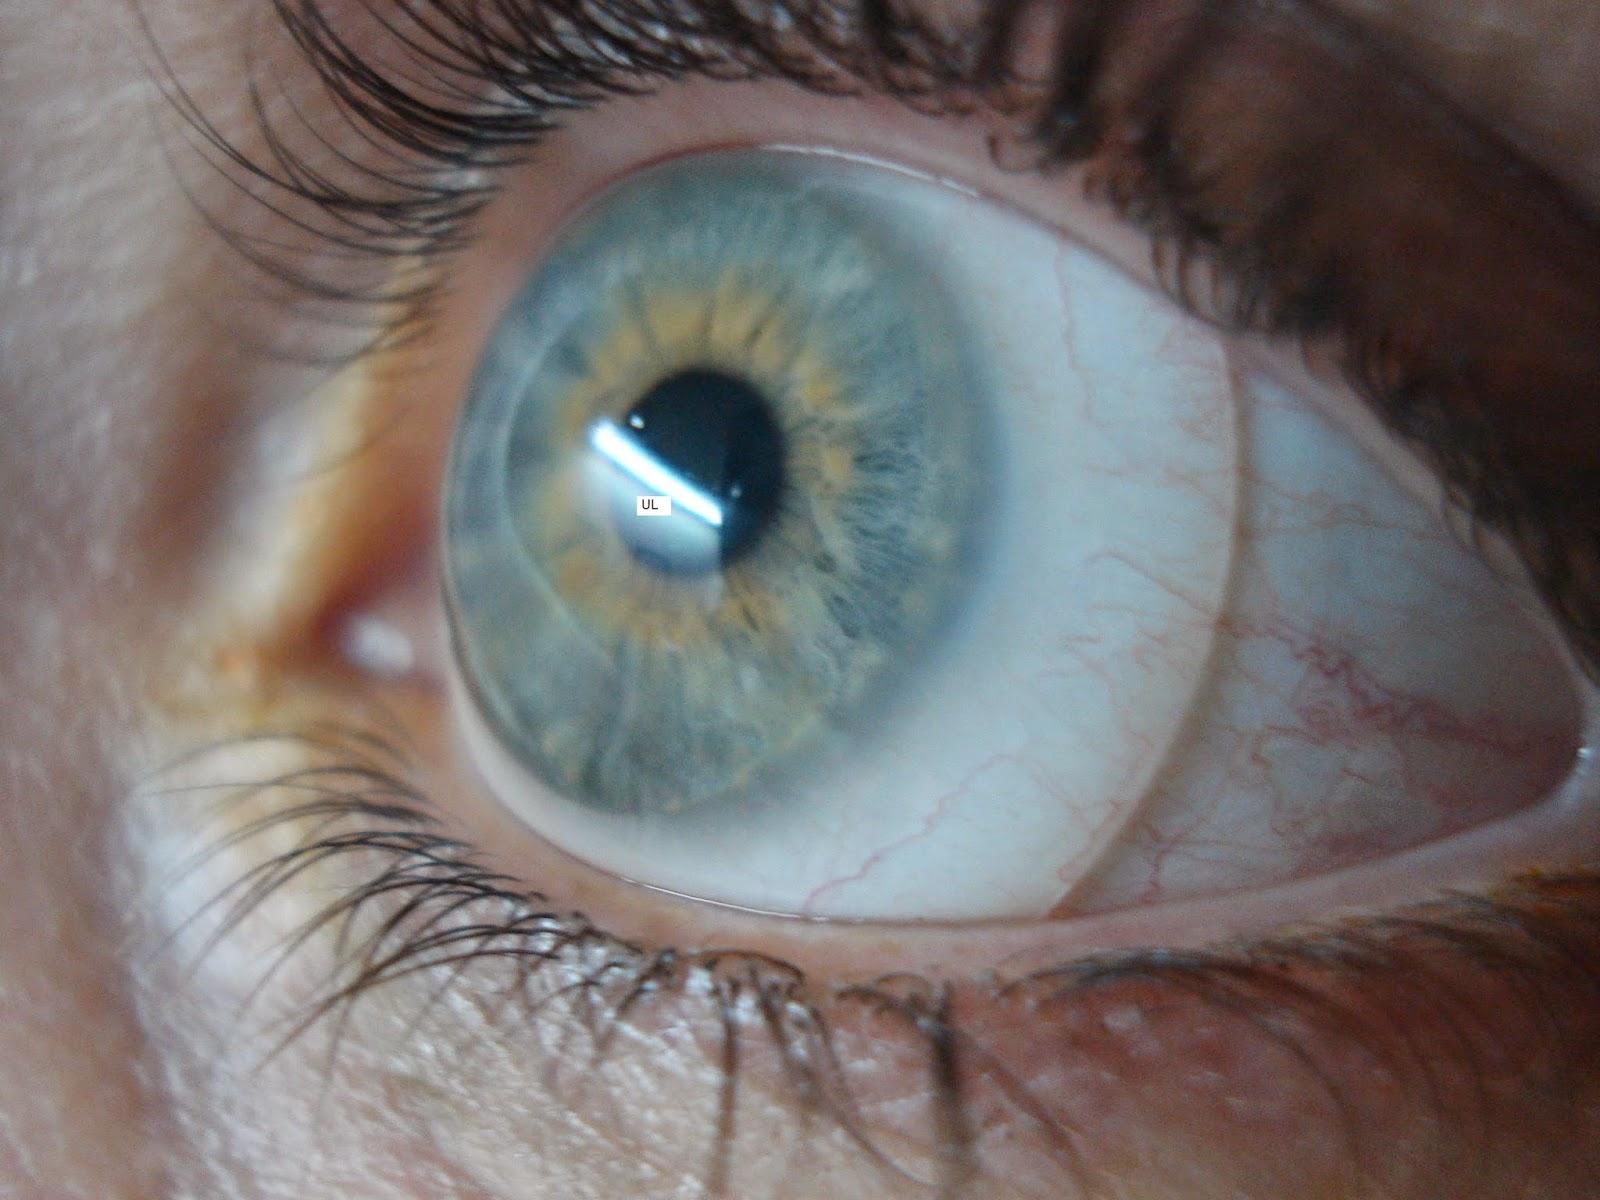 36225a7f1 IOSB - Instituto de Olhos Dr. Saul Bastos: Lentes Esclerais em Porto ...